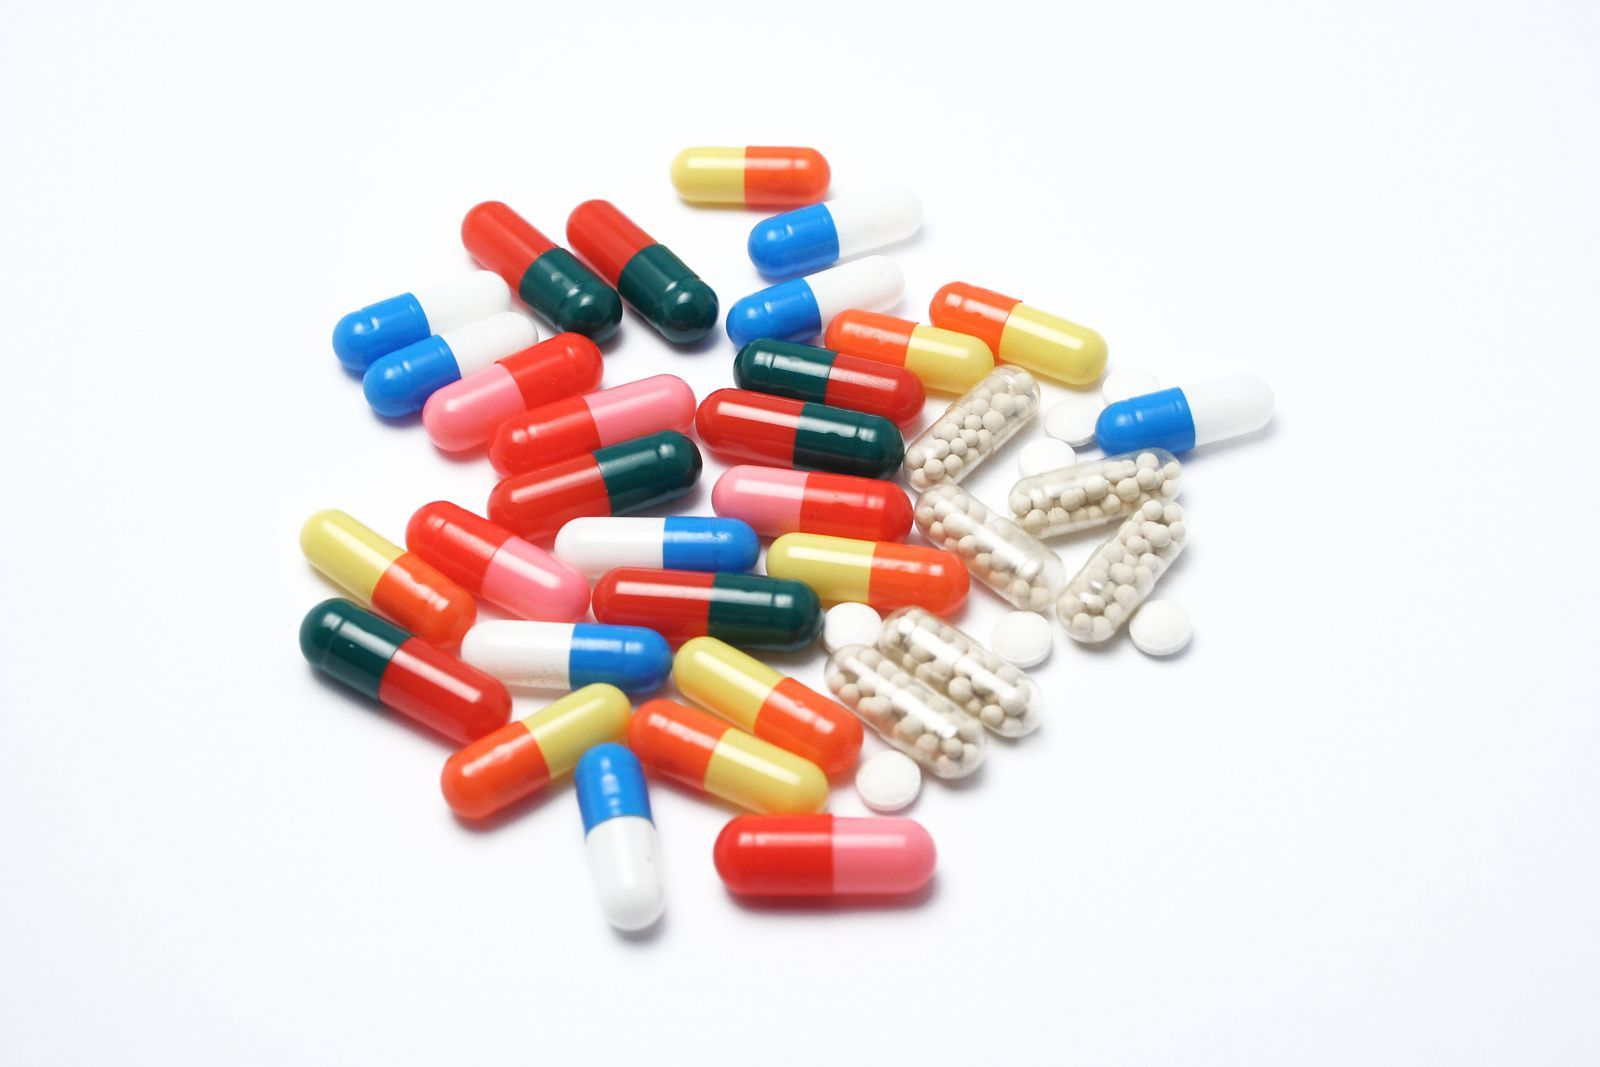 Thuốc chữa rối loạn tiểu tiện gây phản ứng tâm thần